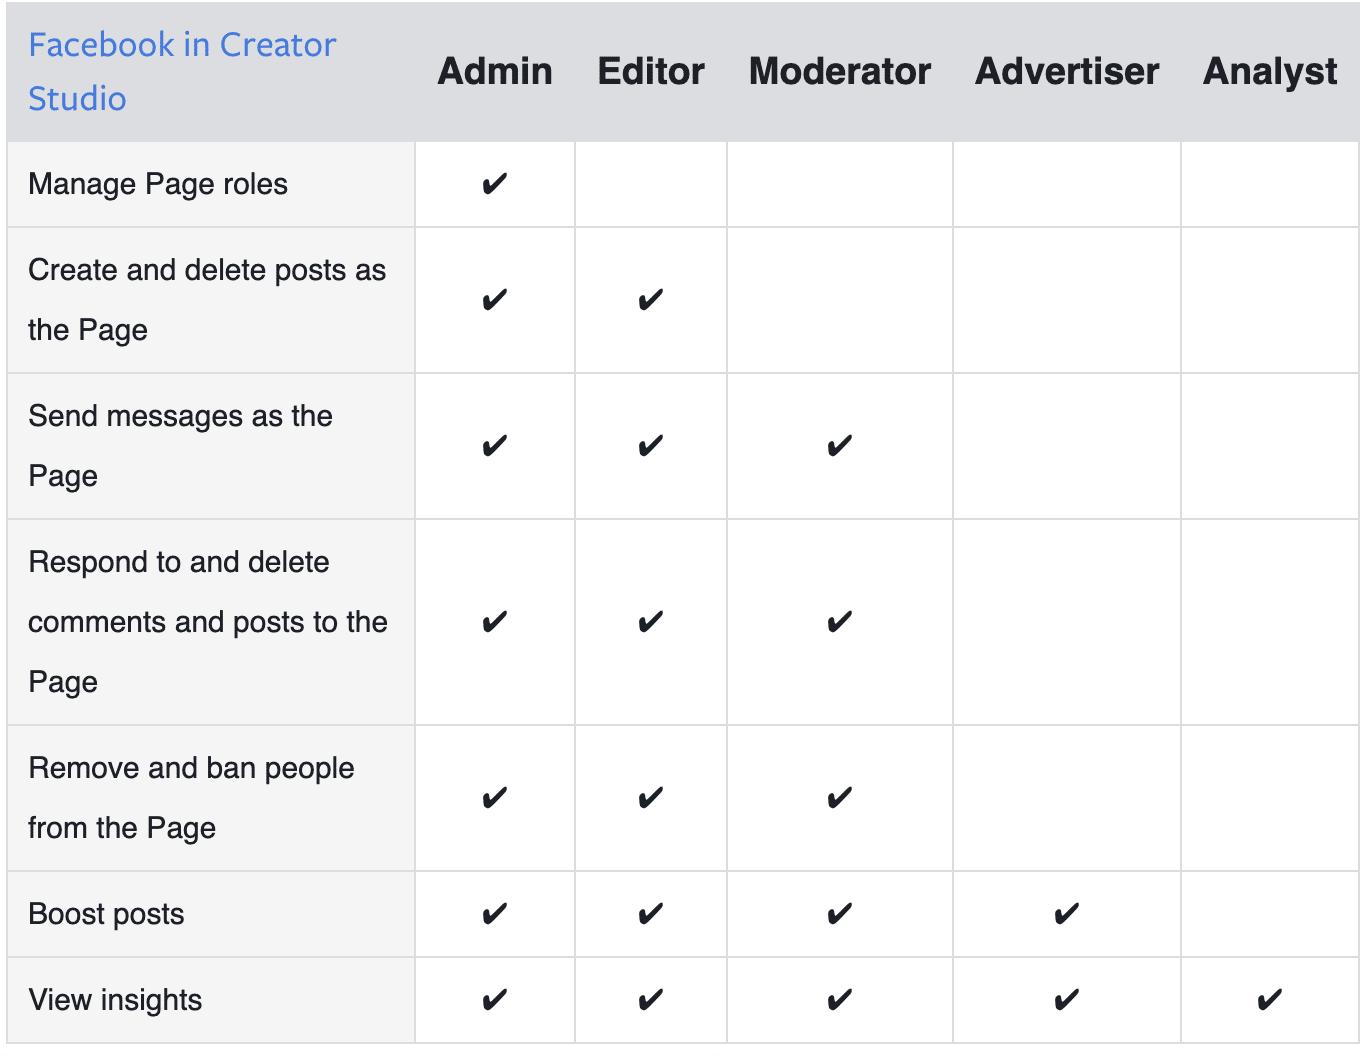 page roles in Facebook Creator Studio